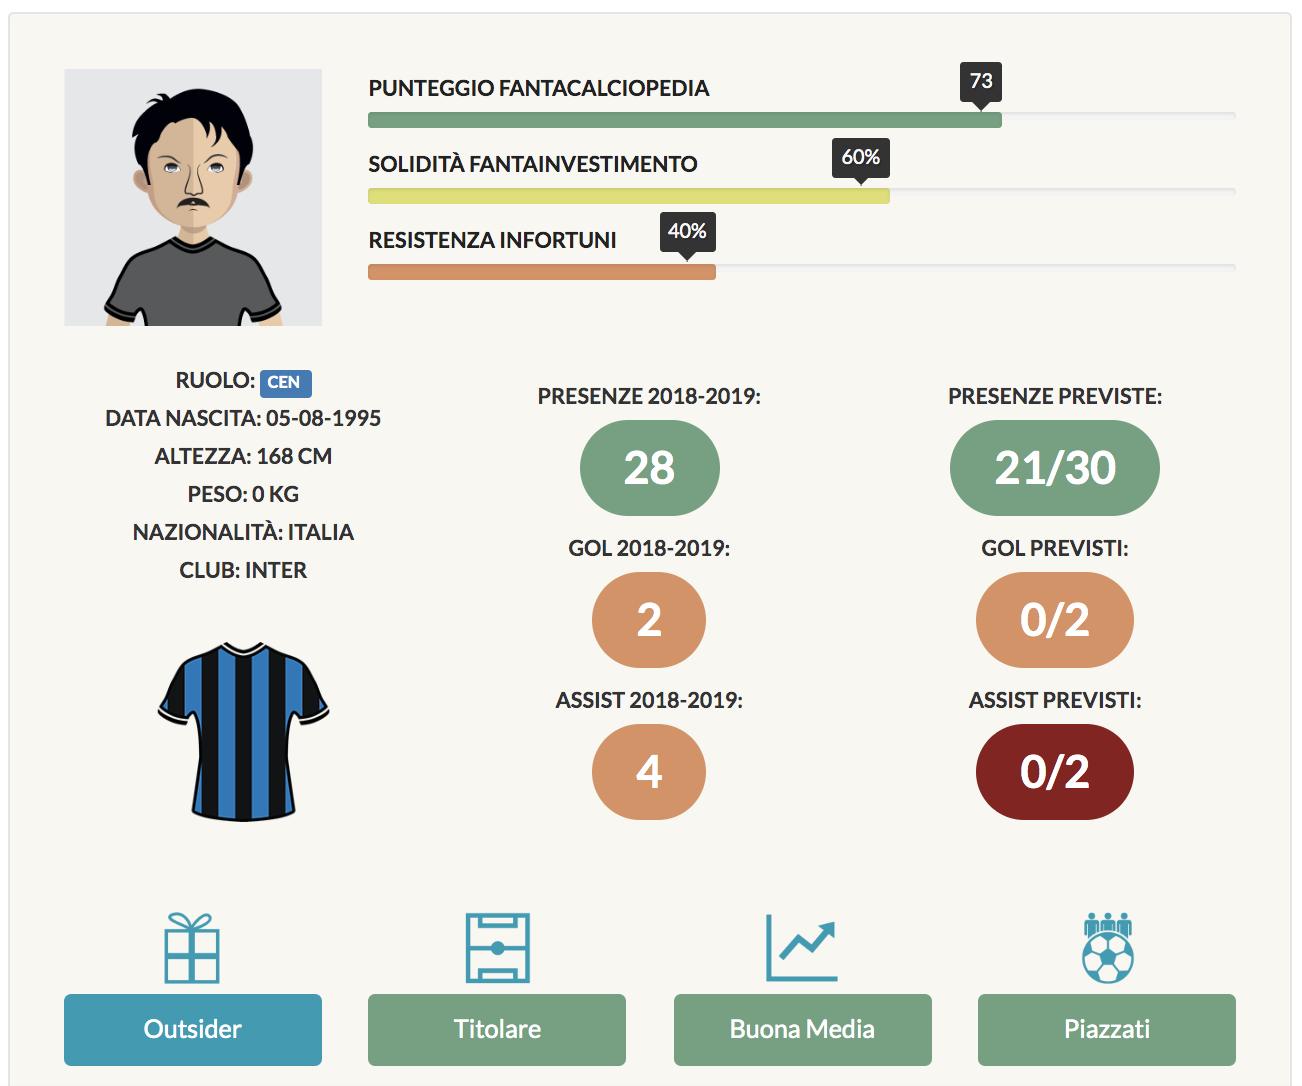 sensi infografica fantacalcio 2019/20